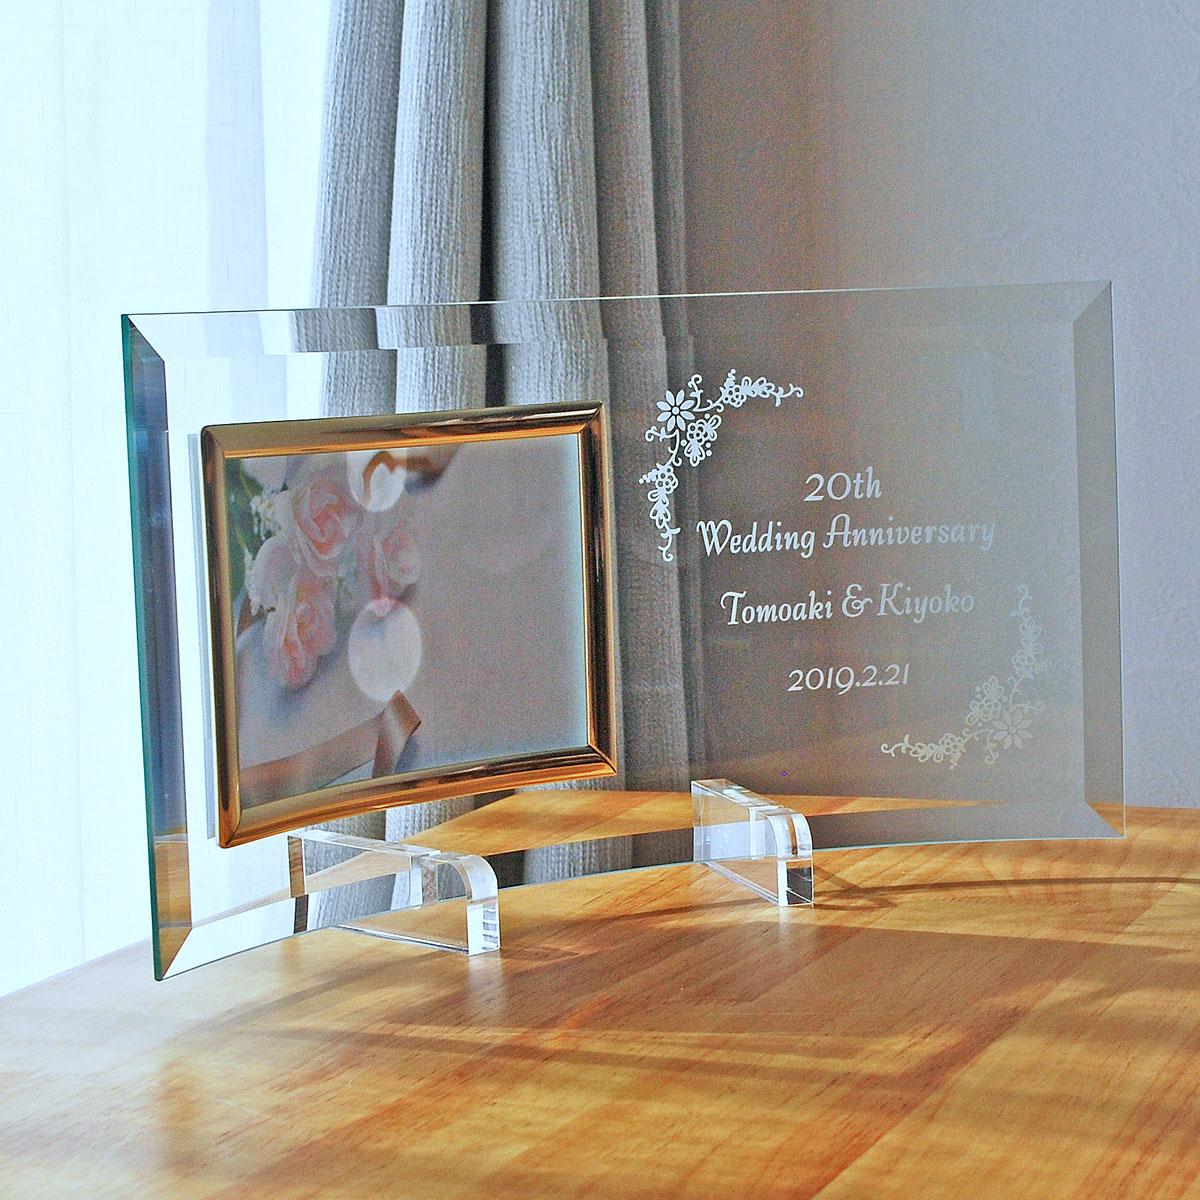 【送料無料・名入れ】結婚祝い 敬老の日 誕生日 記念日 プレゼント 写真立て ガラス フォトフレーム 横型名前入れ彫刻【ラッキーシール対応】